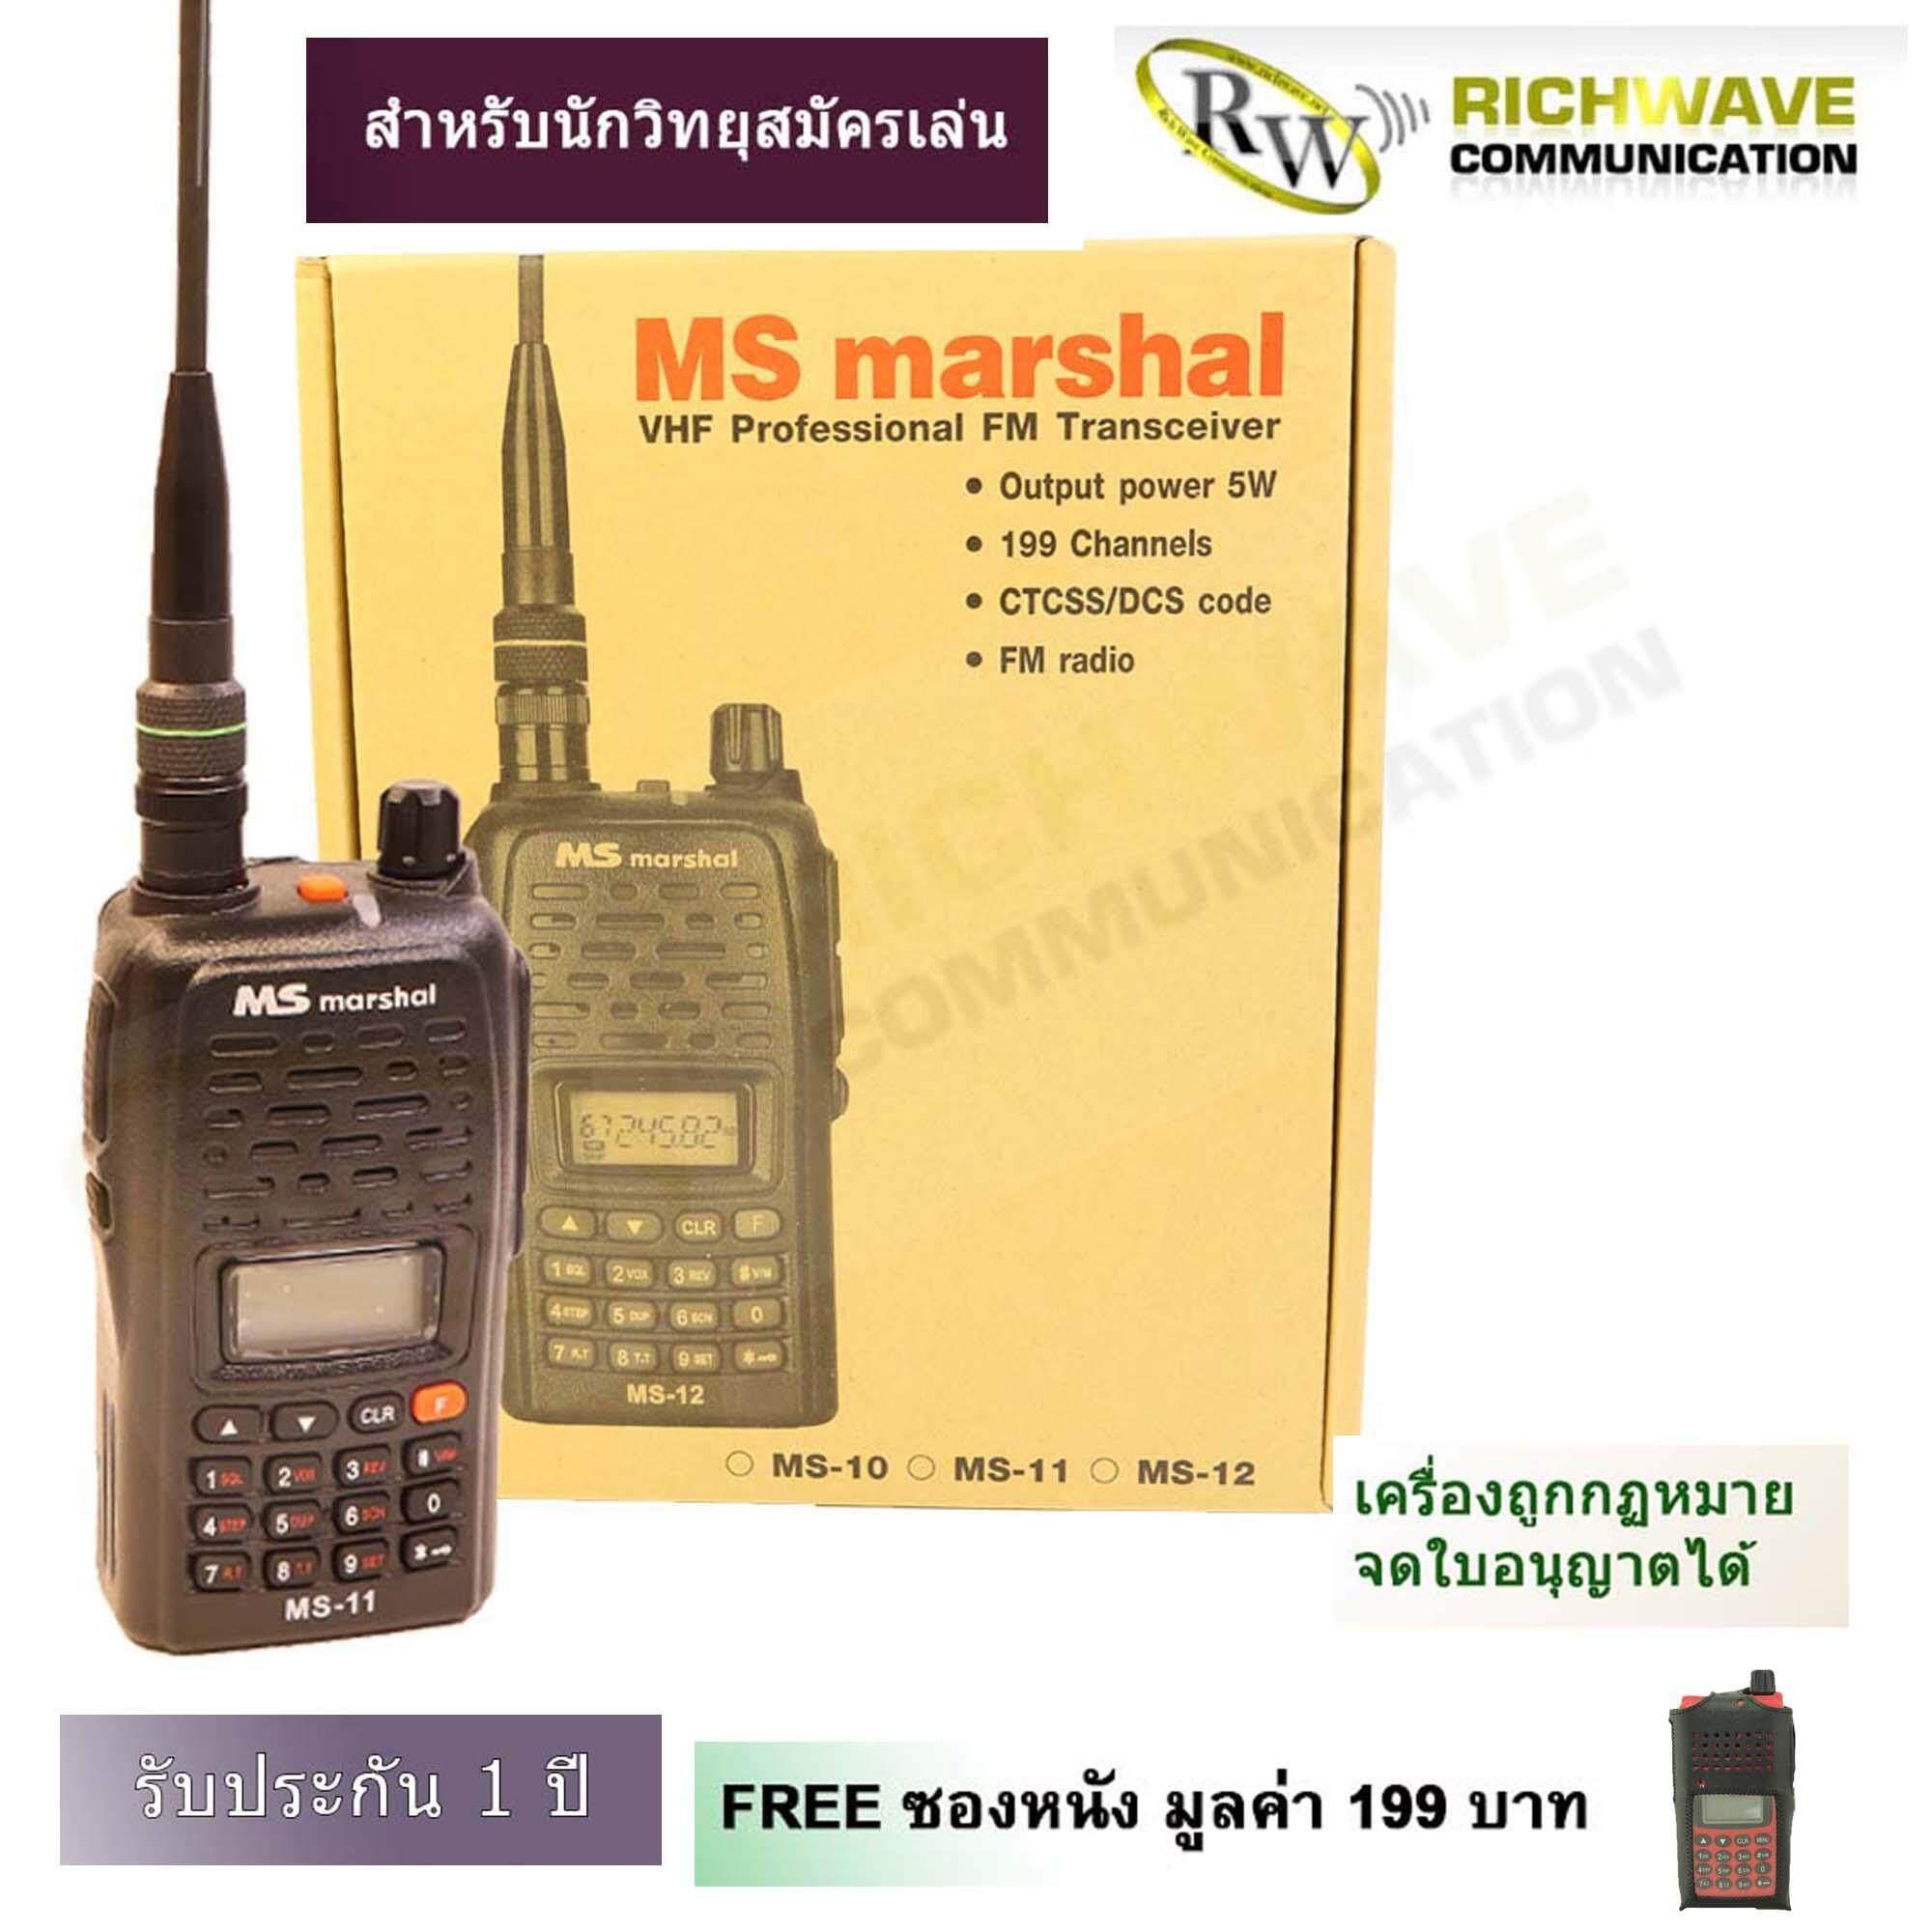 MS Marshal วิทยุสื่อสาร  MS-11 5 วัตต์ ฟรี ซองหนัง เครื่องมี ปท. ถูกกฏหมาย เความถี่เครื่องแดง / เครื่องดำ